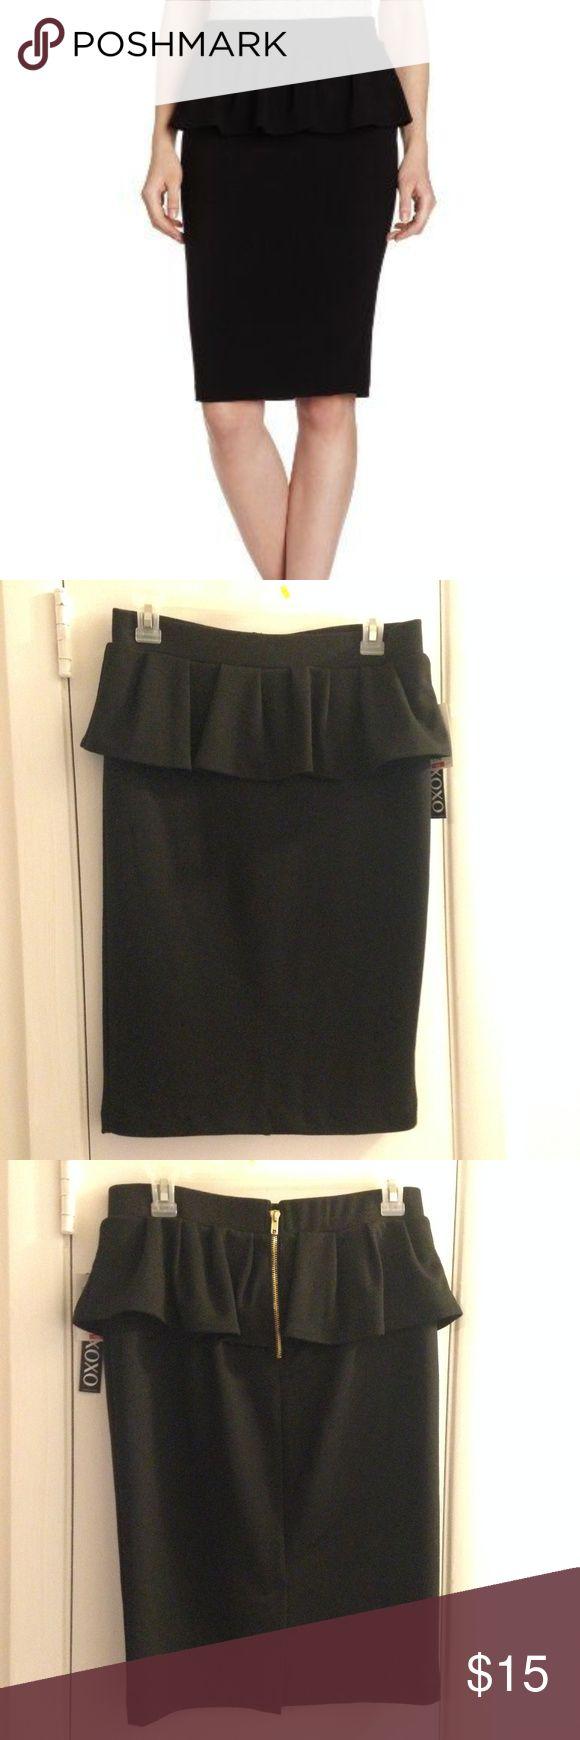 XOXO Peplum Skirt Classic Black peplum skirt Never work, new with tags XOXO Skirts Midi